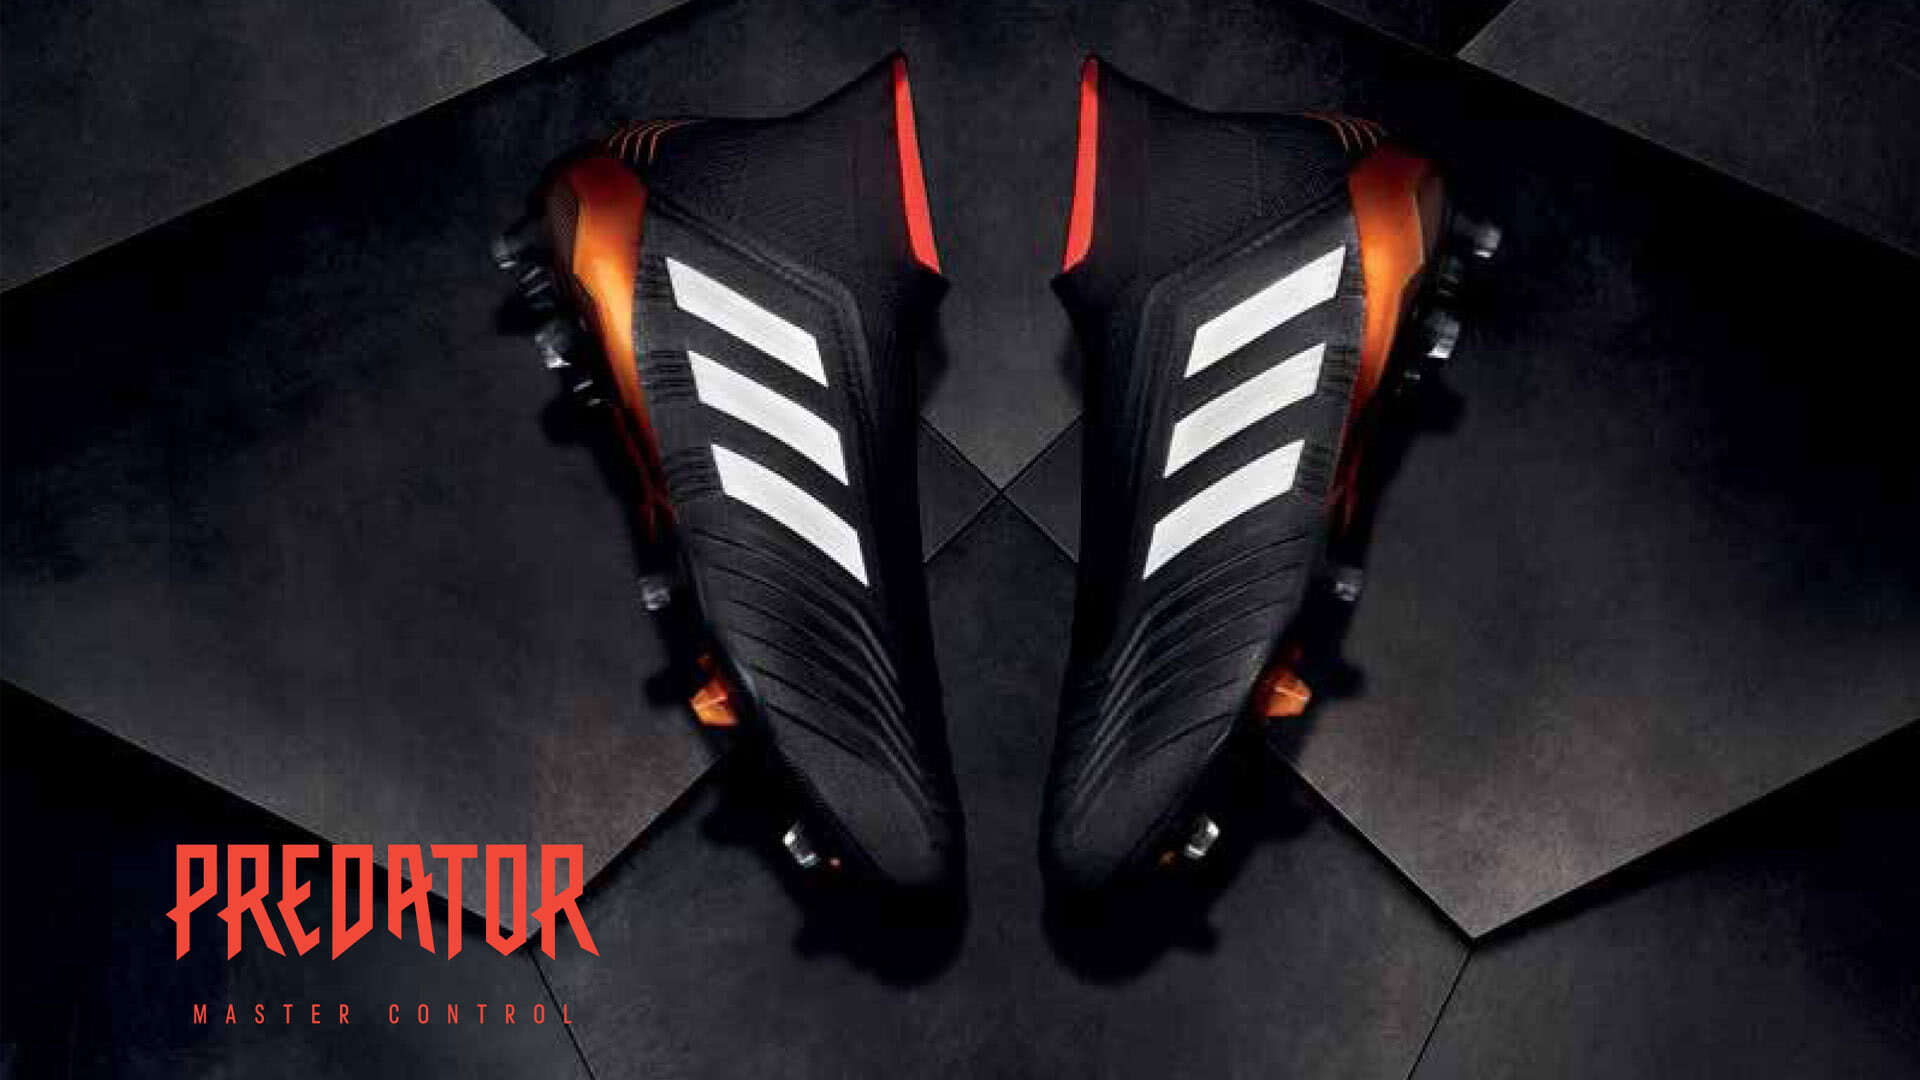 Die Adidas Predator 18 Vorteile und Unterschiede